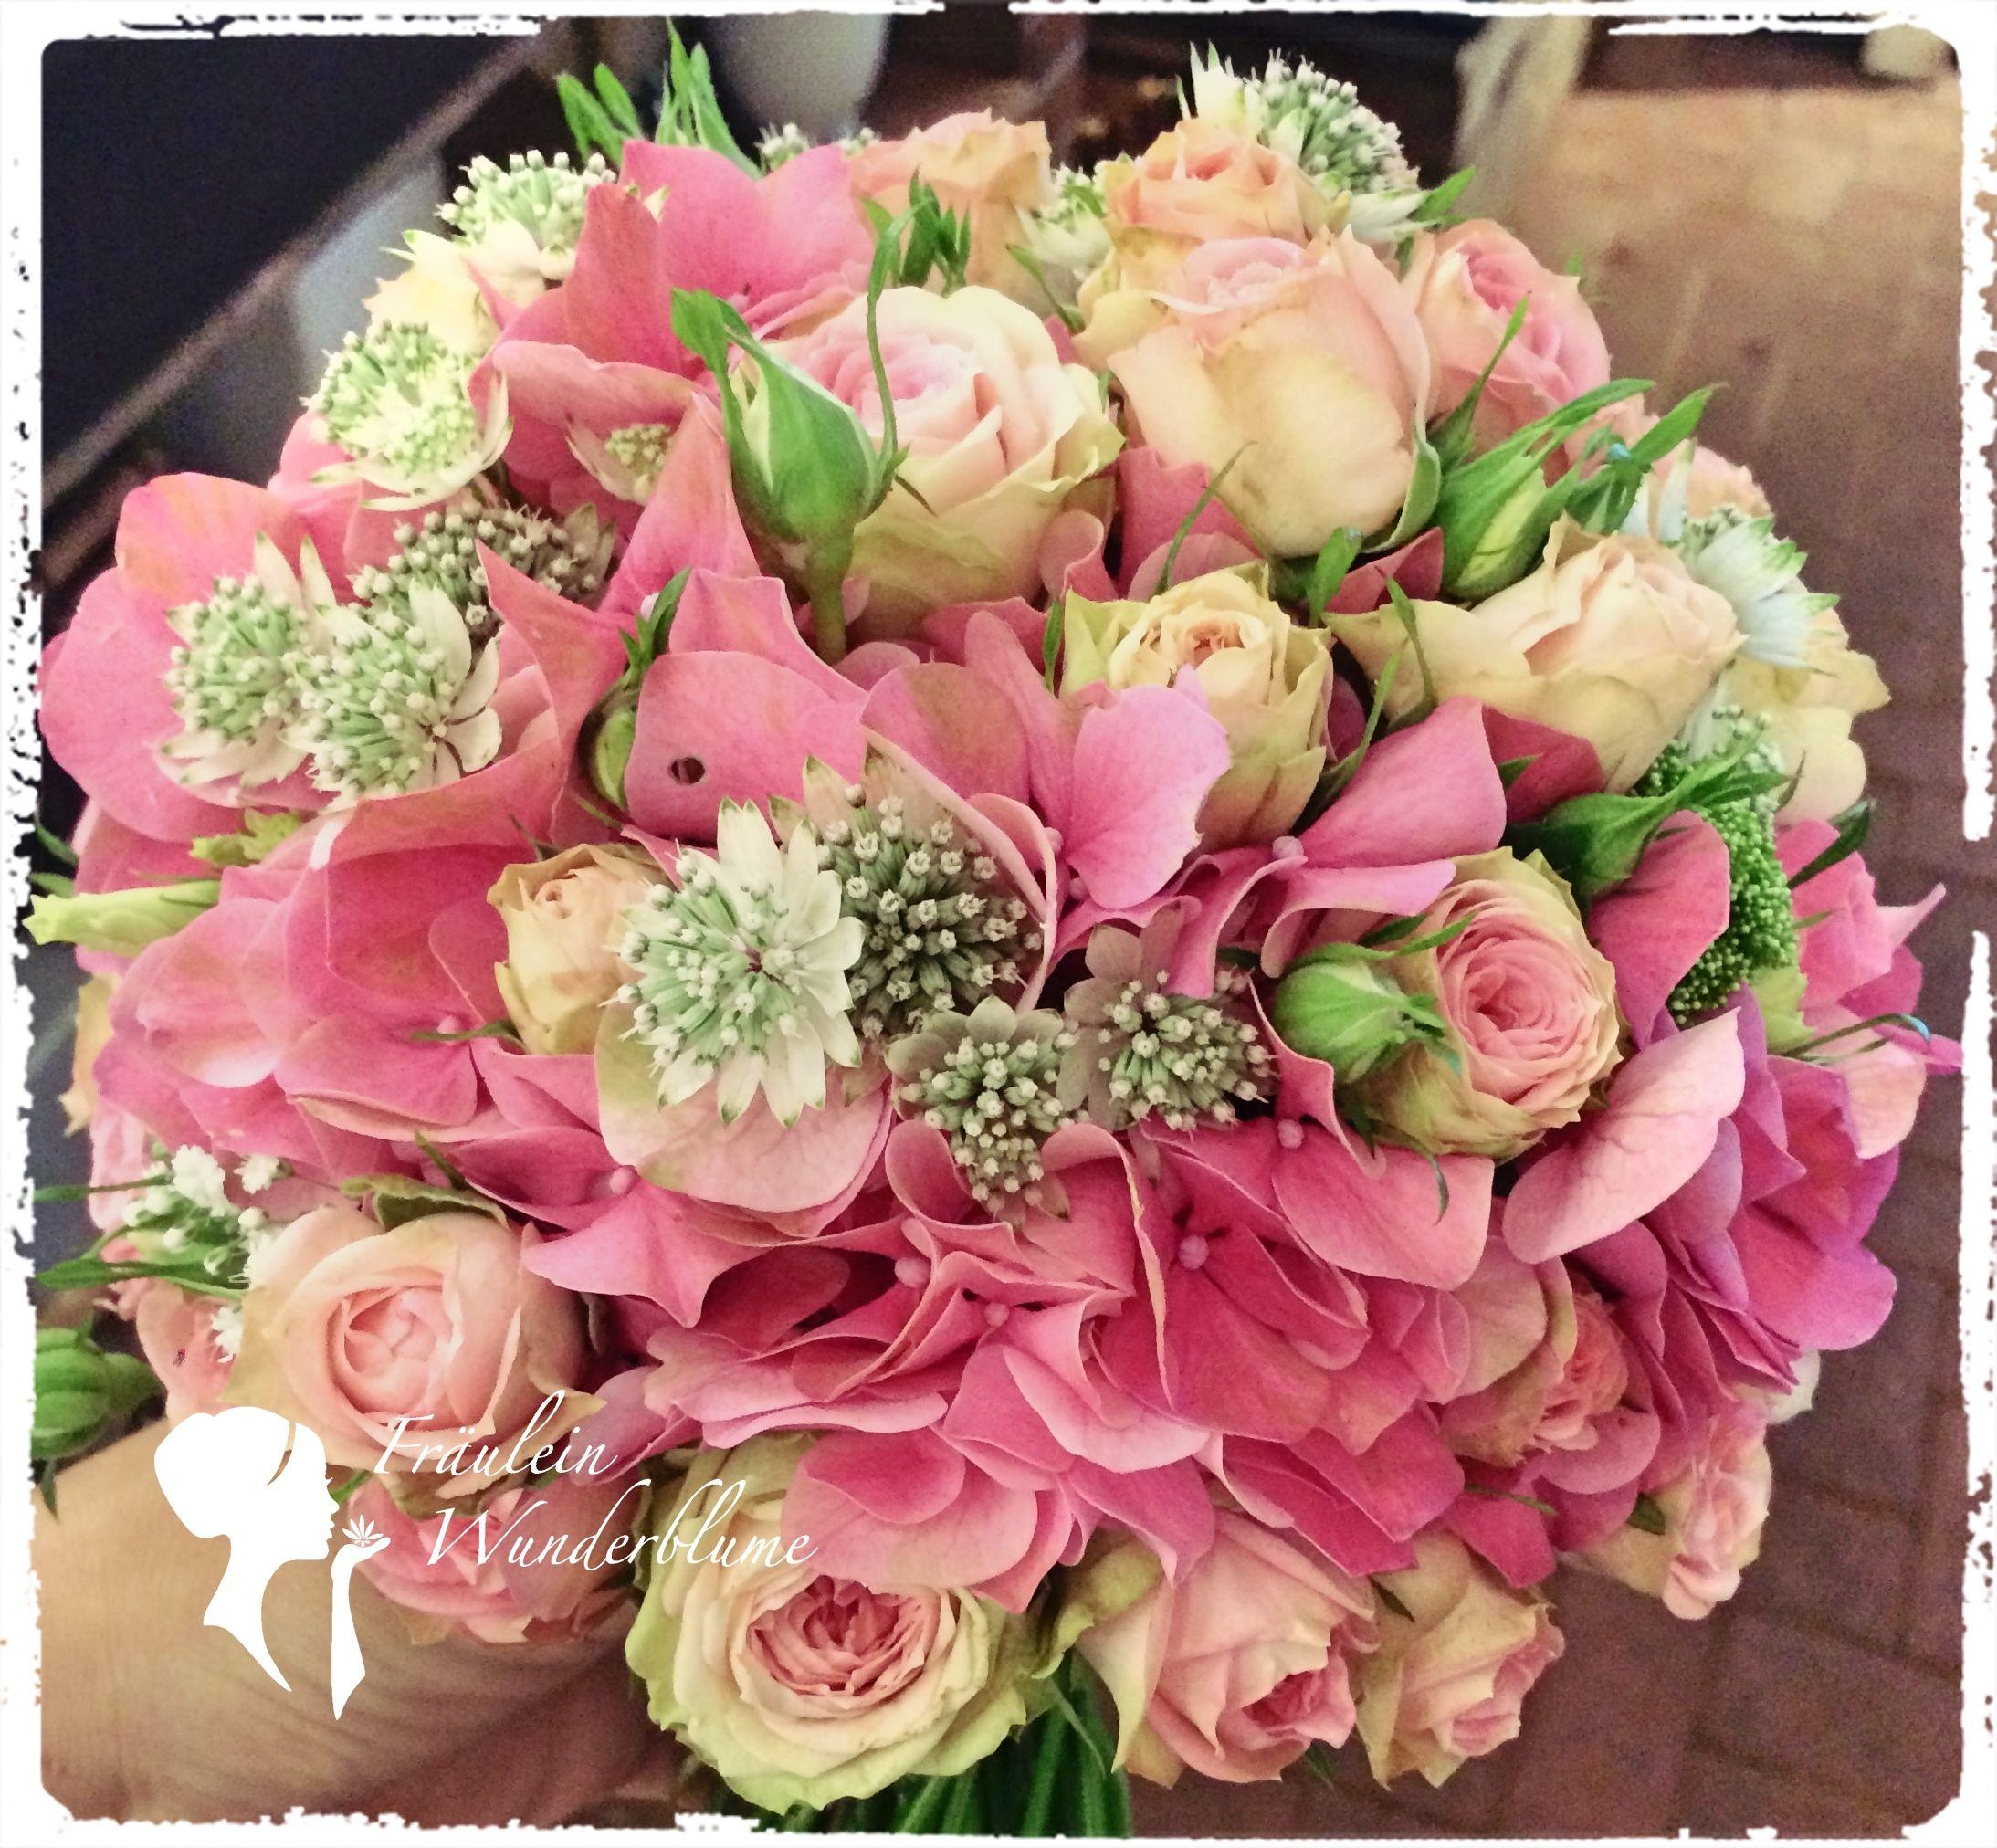 Brautstrauß aus Hortensien, Rosen und Astrantia - so schön kann der Sommer sein! #bridalflowerbouquets